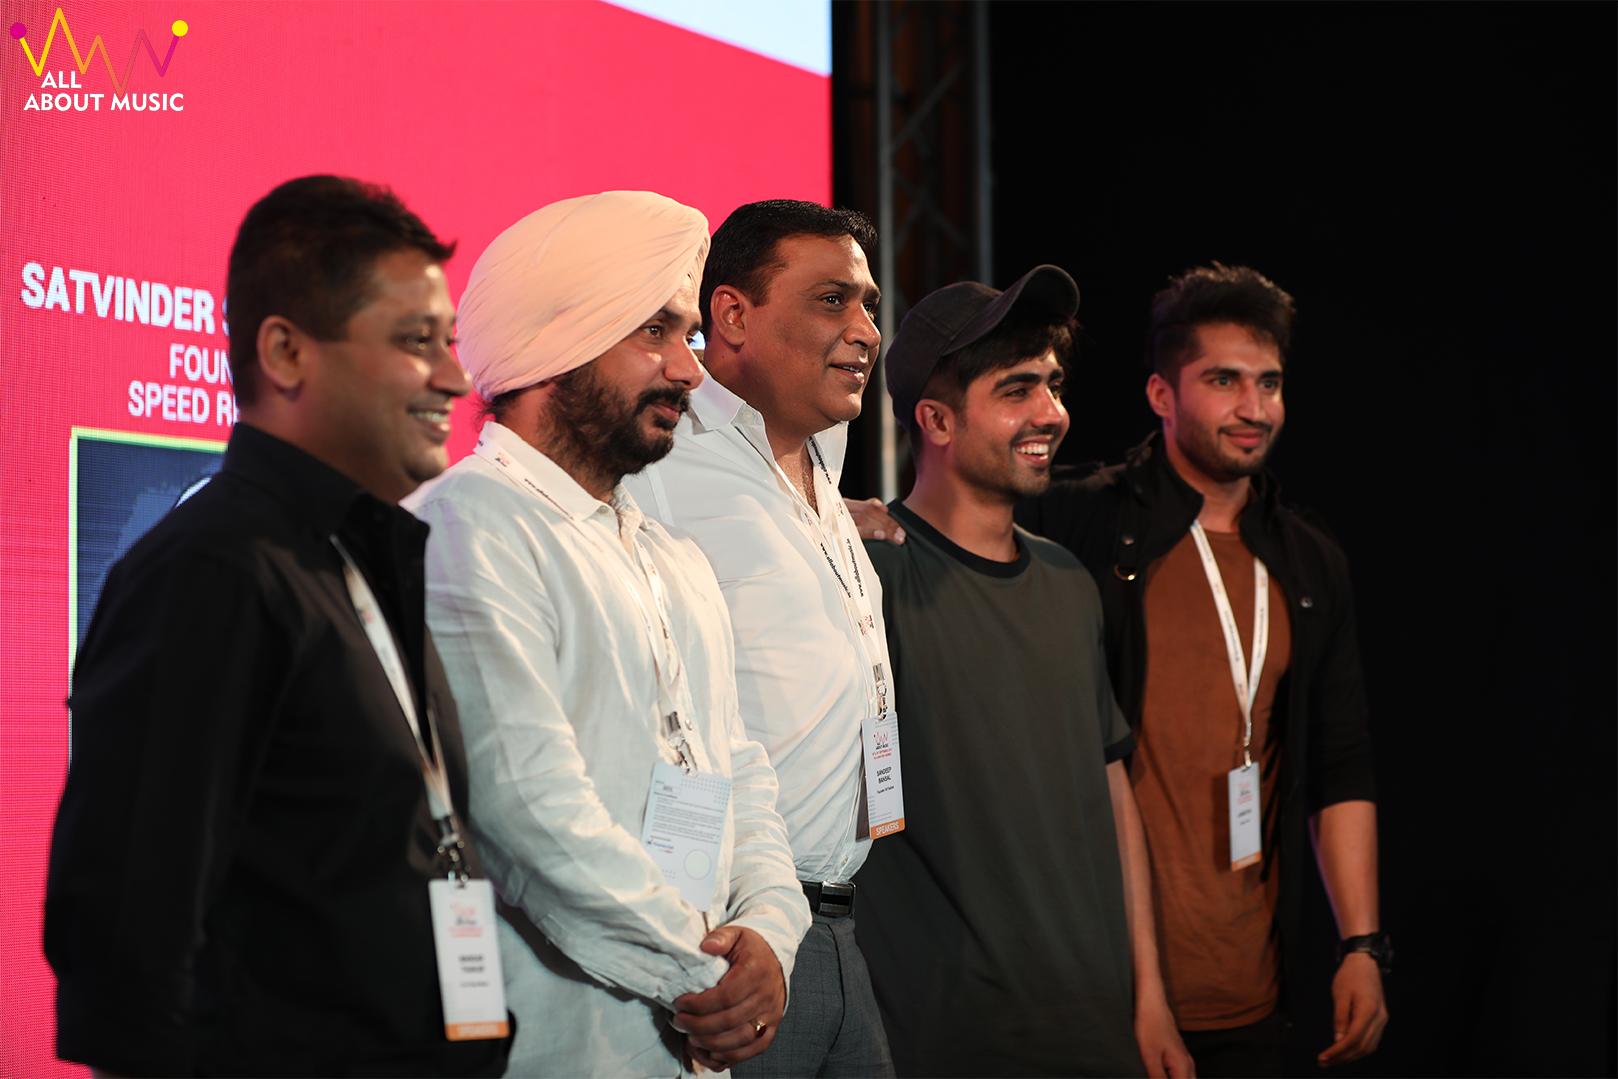 All About Punjabi Music